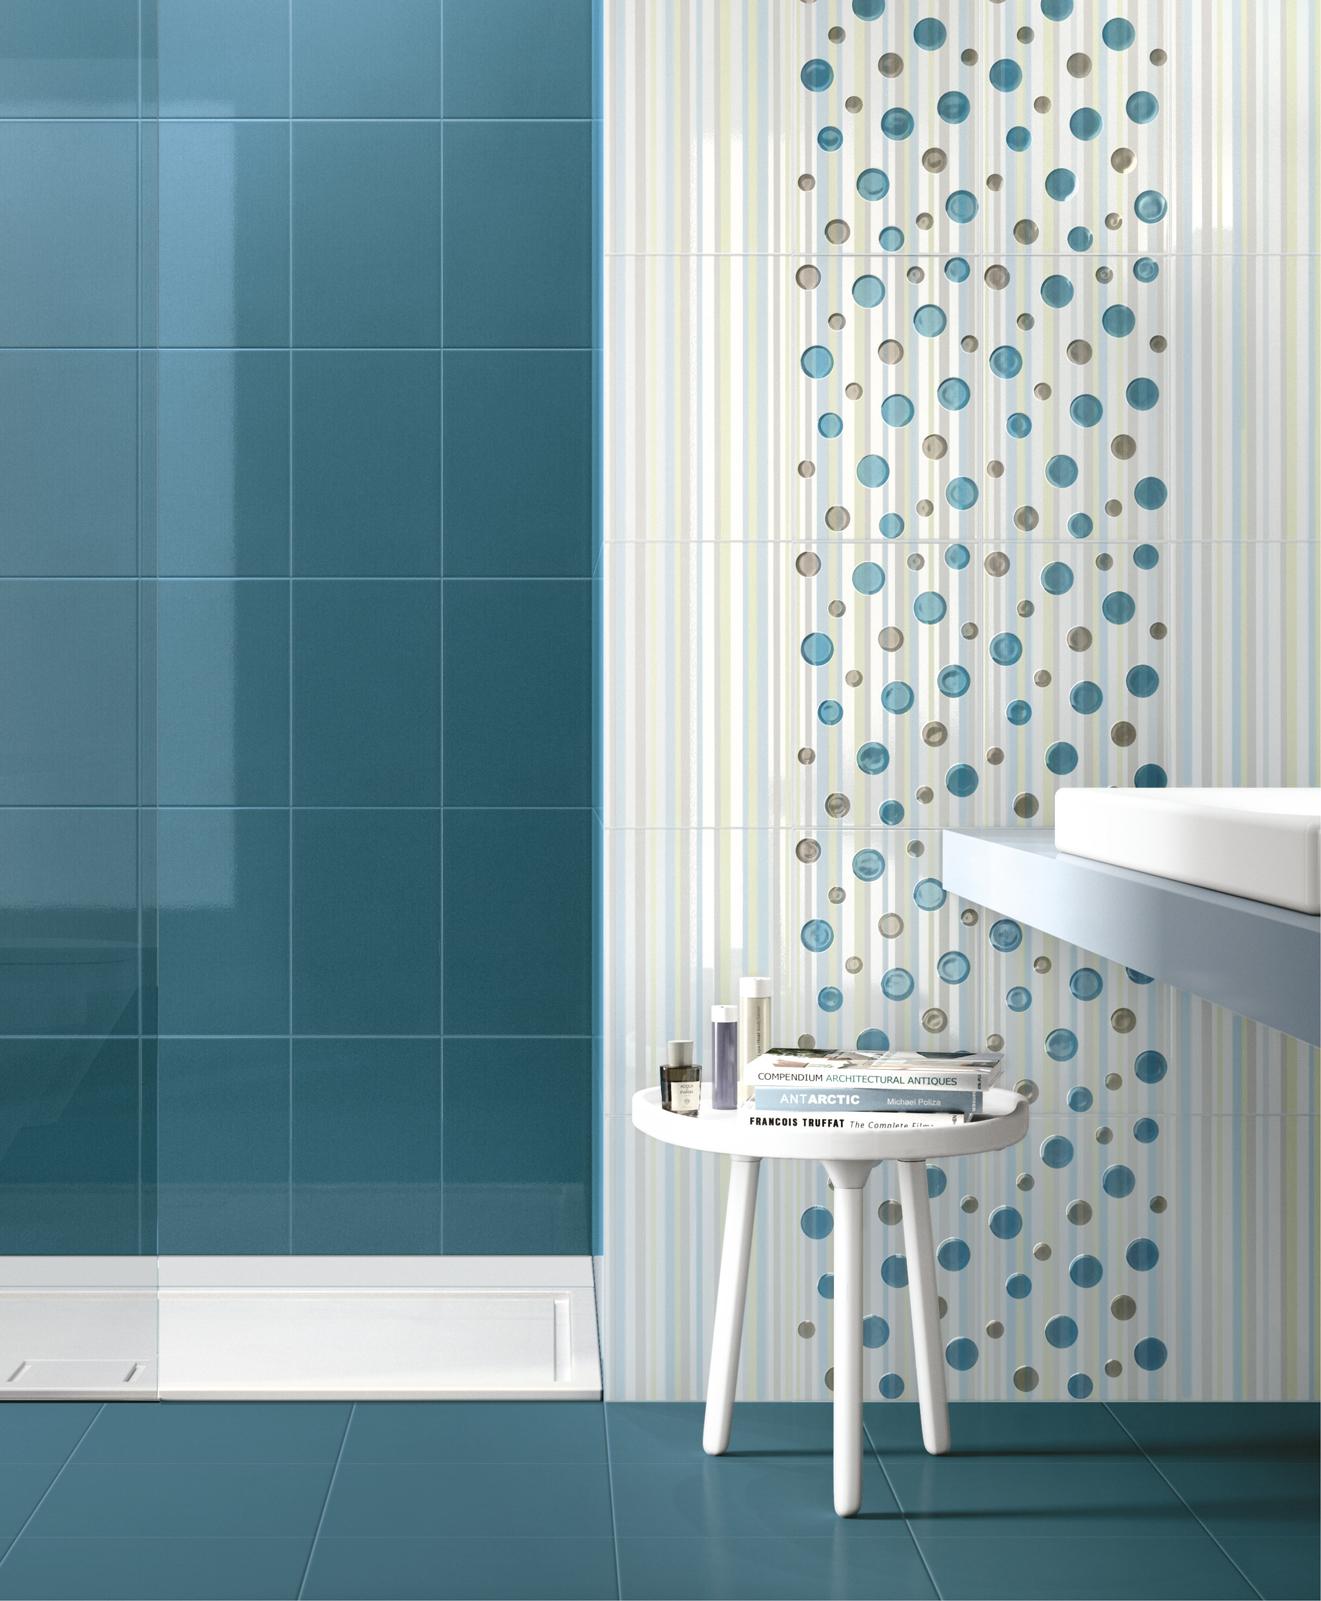 Faience salle de bain bleu ciel faience salle de bain bleu ciel le pictures t - Salle de bain bleu ciel ...